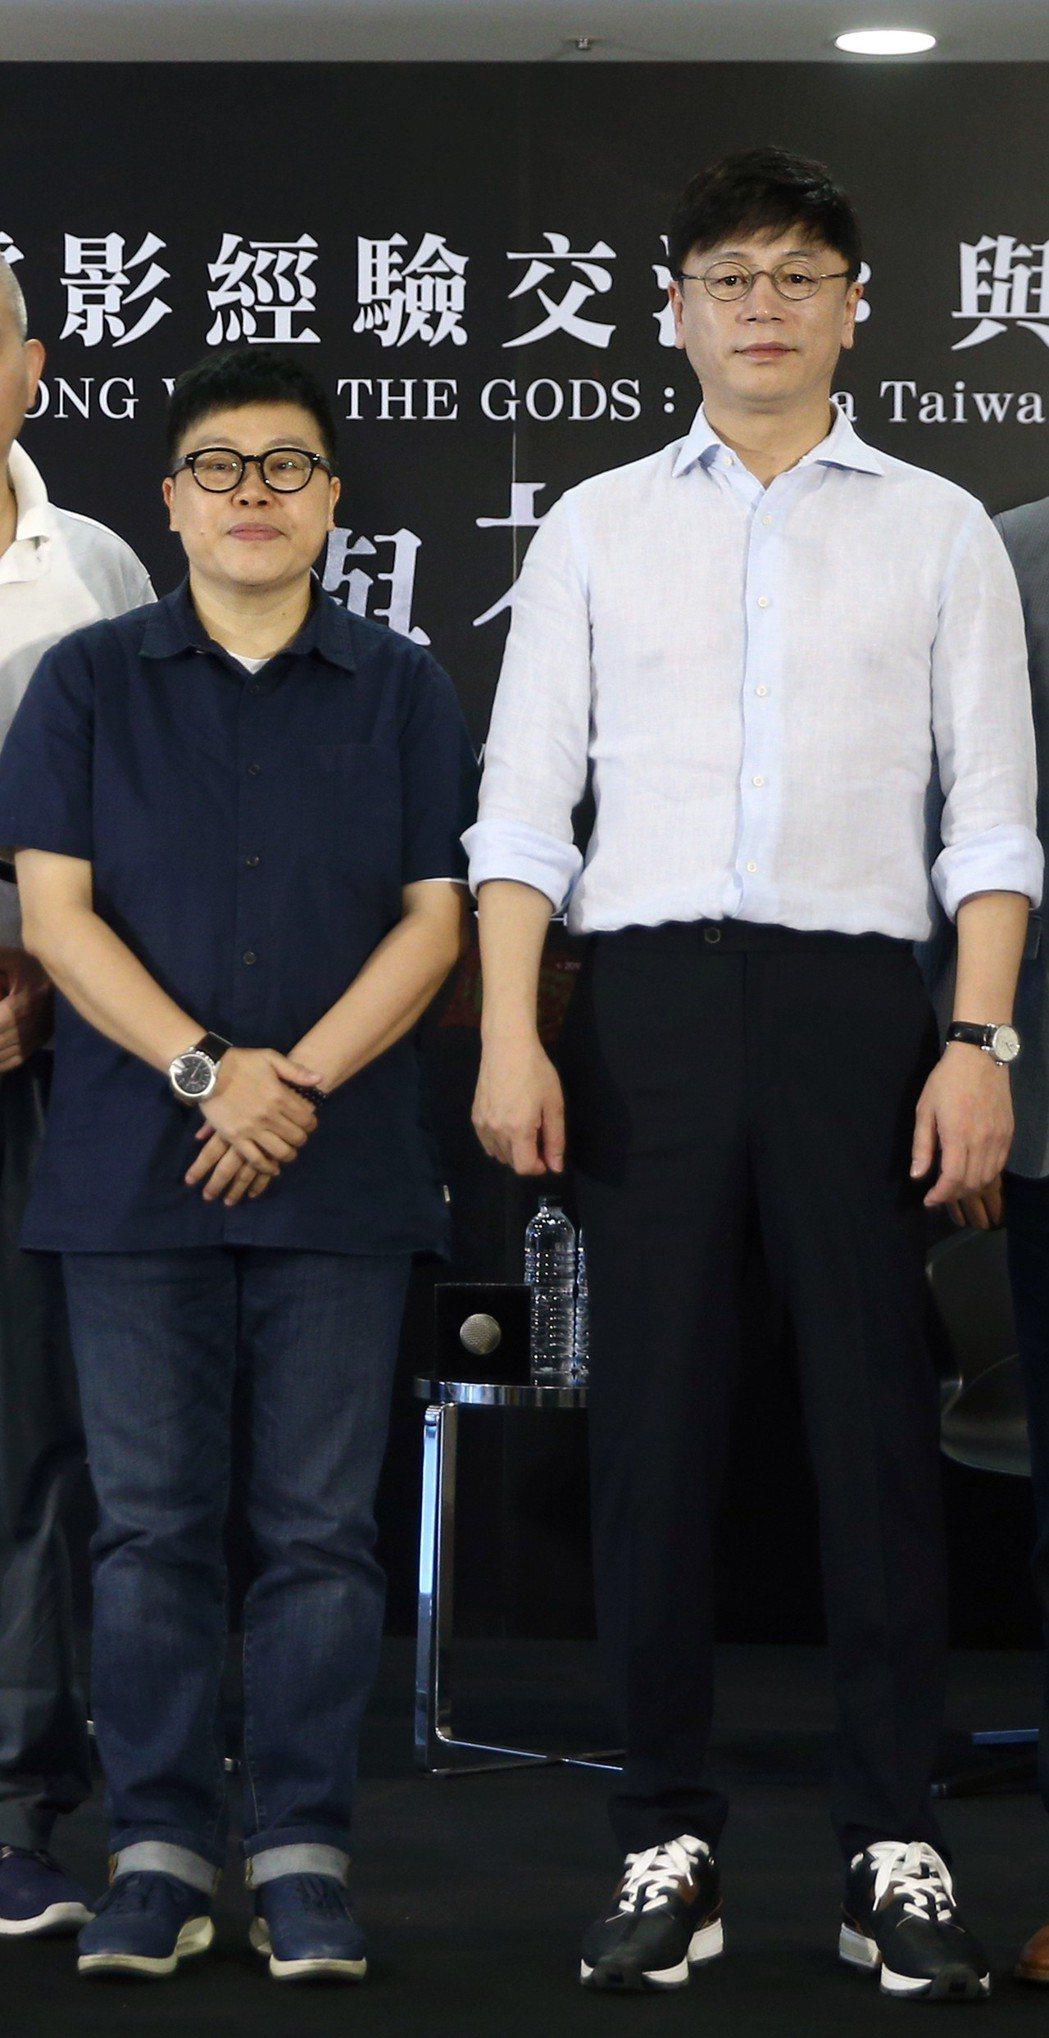 「與神同行」系列導演金容華(右)與台灣知名監製葉如芬(左)上午座談。記者蘇健忠/...